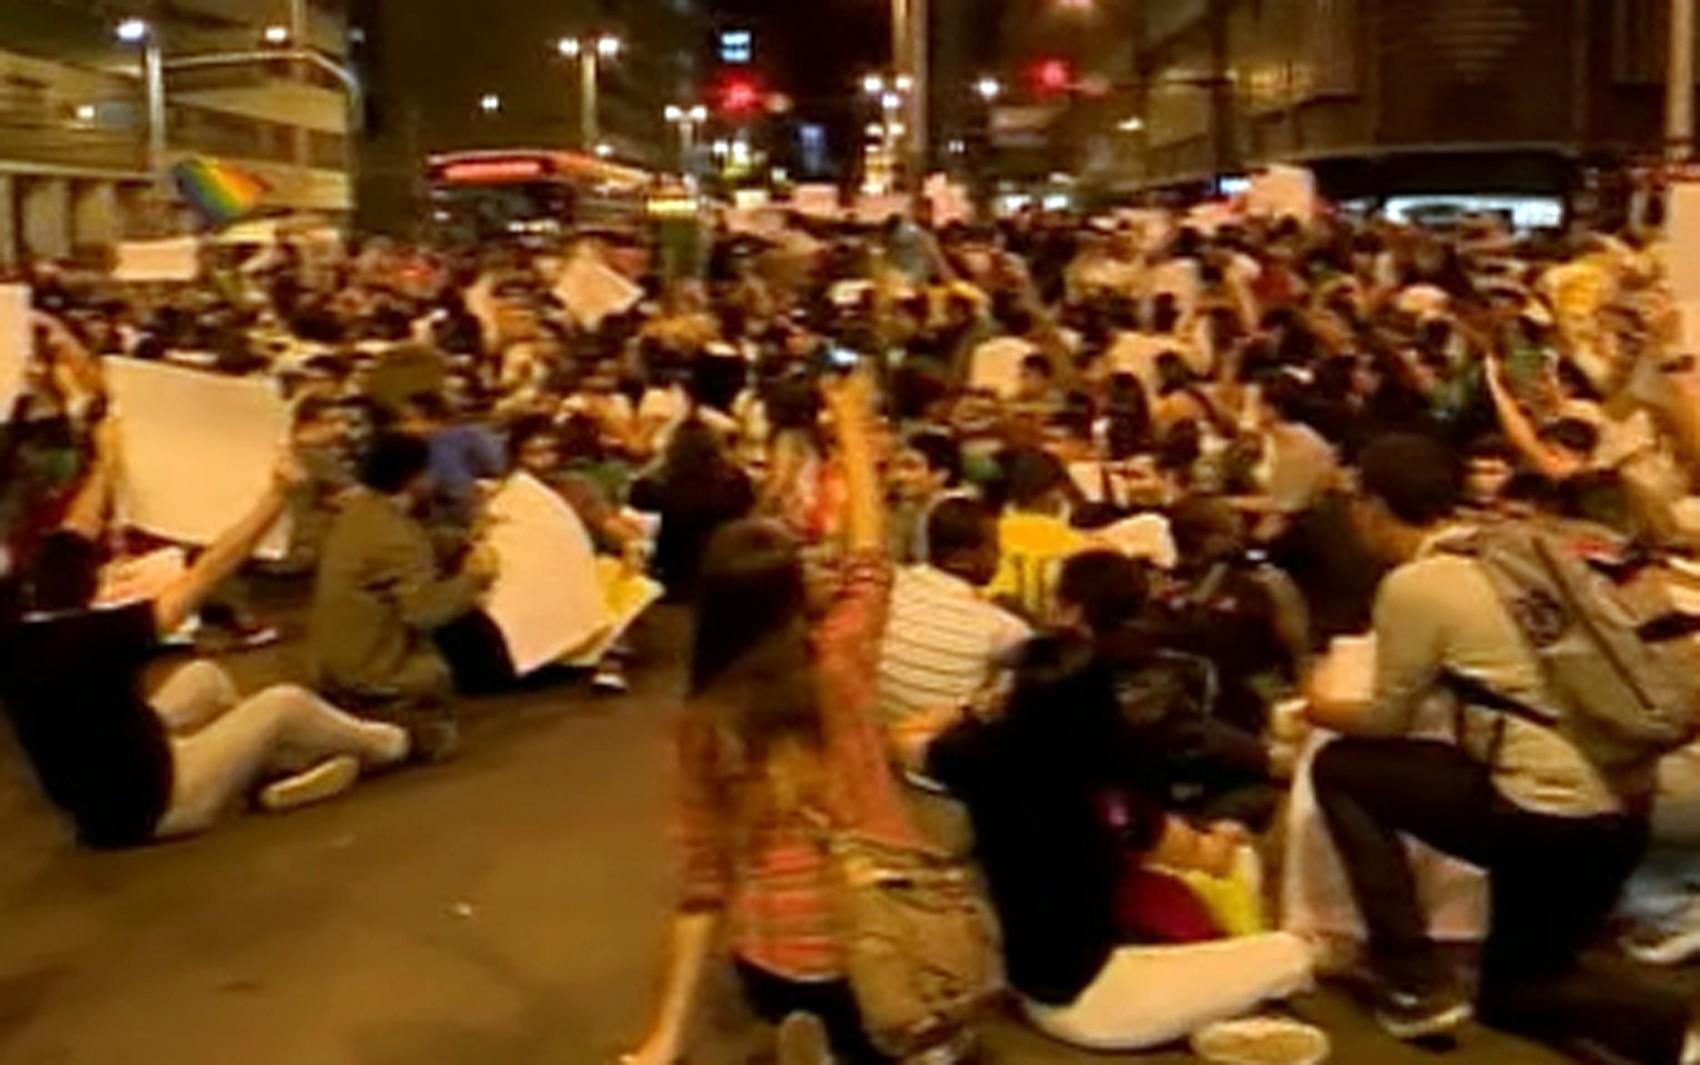 Jovens se sentaram em um dos cruzamentos mais importantes de Juiz de Fora (Foto: Reprodução/ Rede Integração)